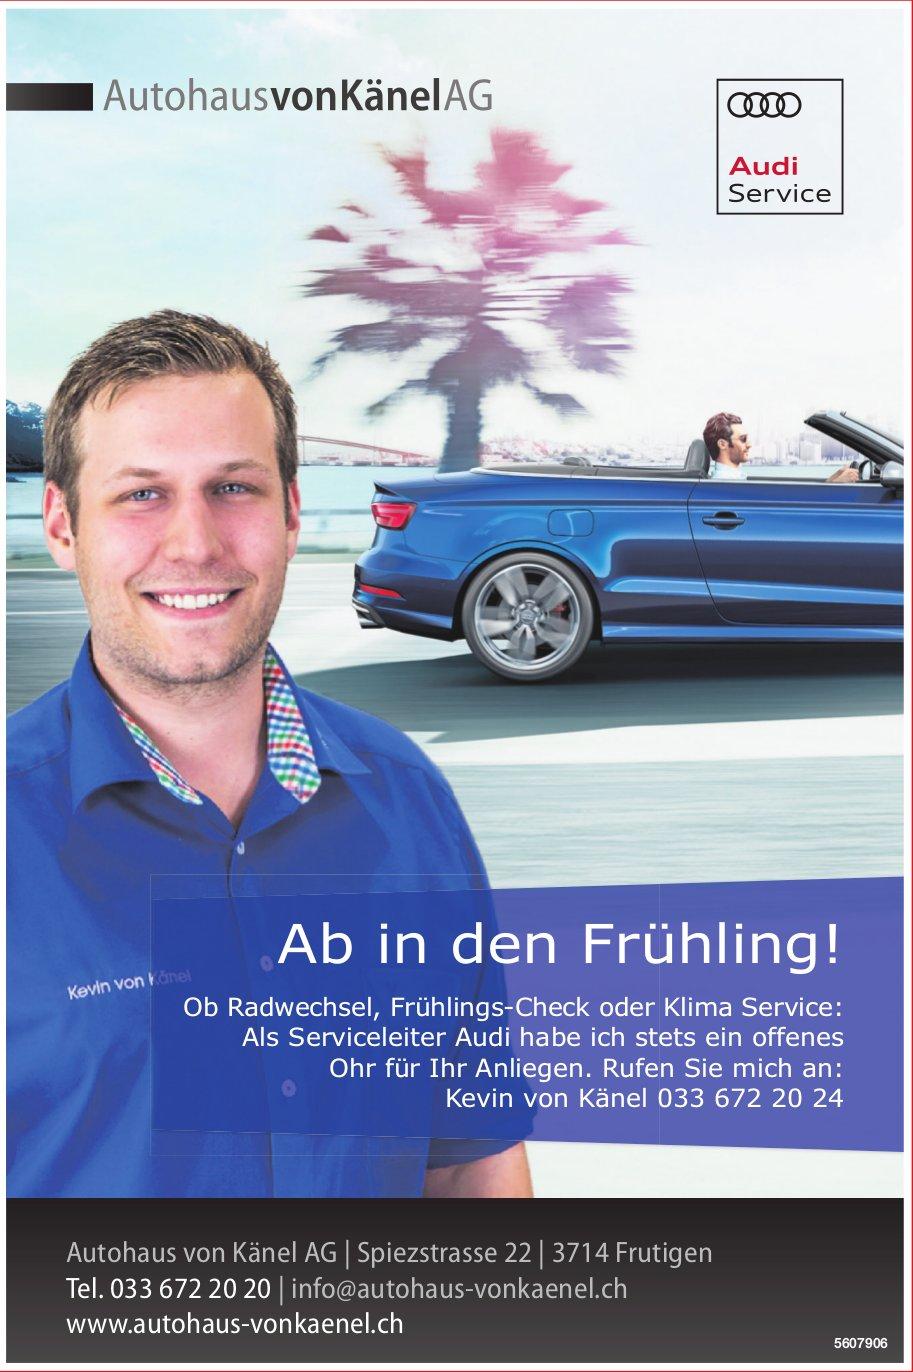 Autohaus von Känel AG - Ab in den Frühling!